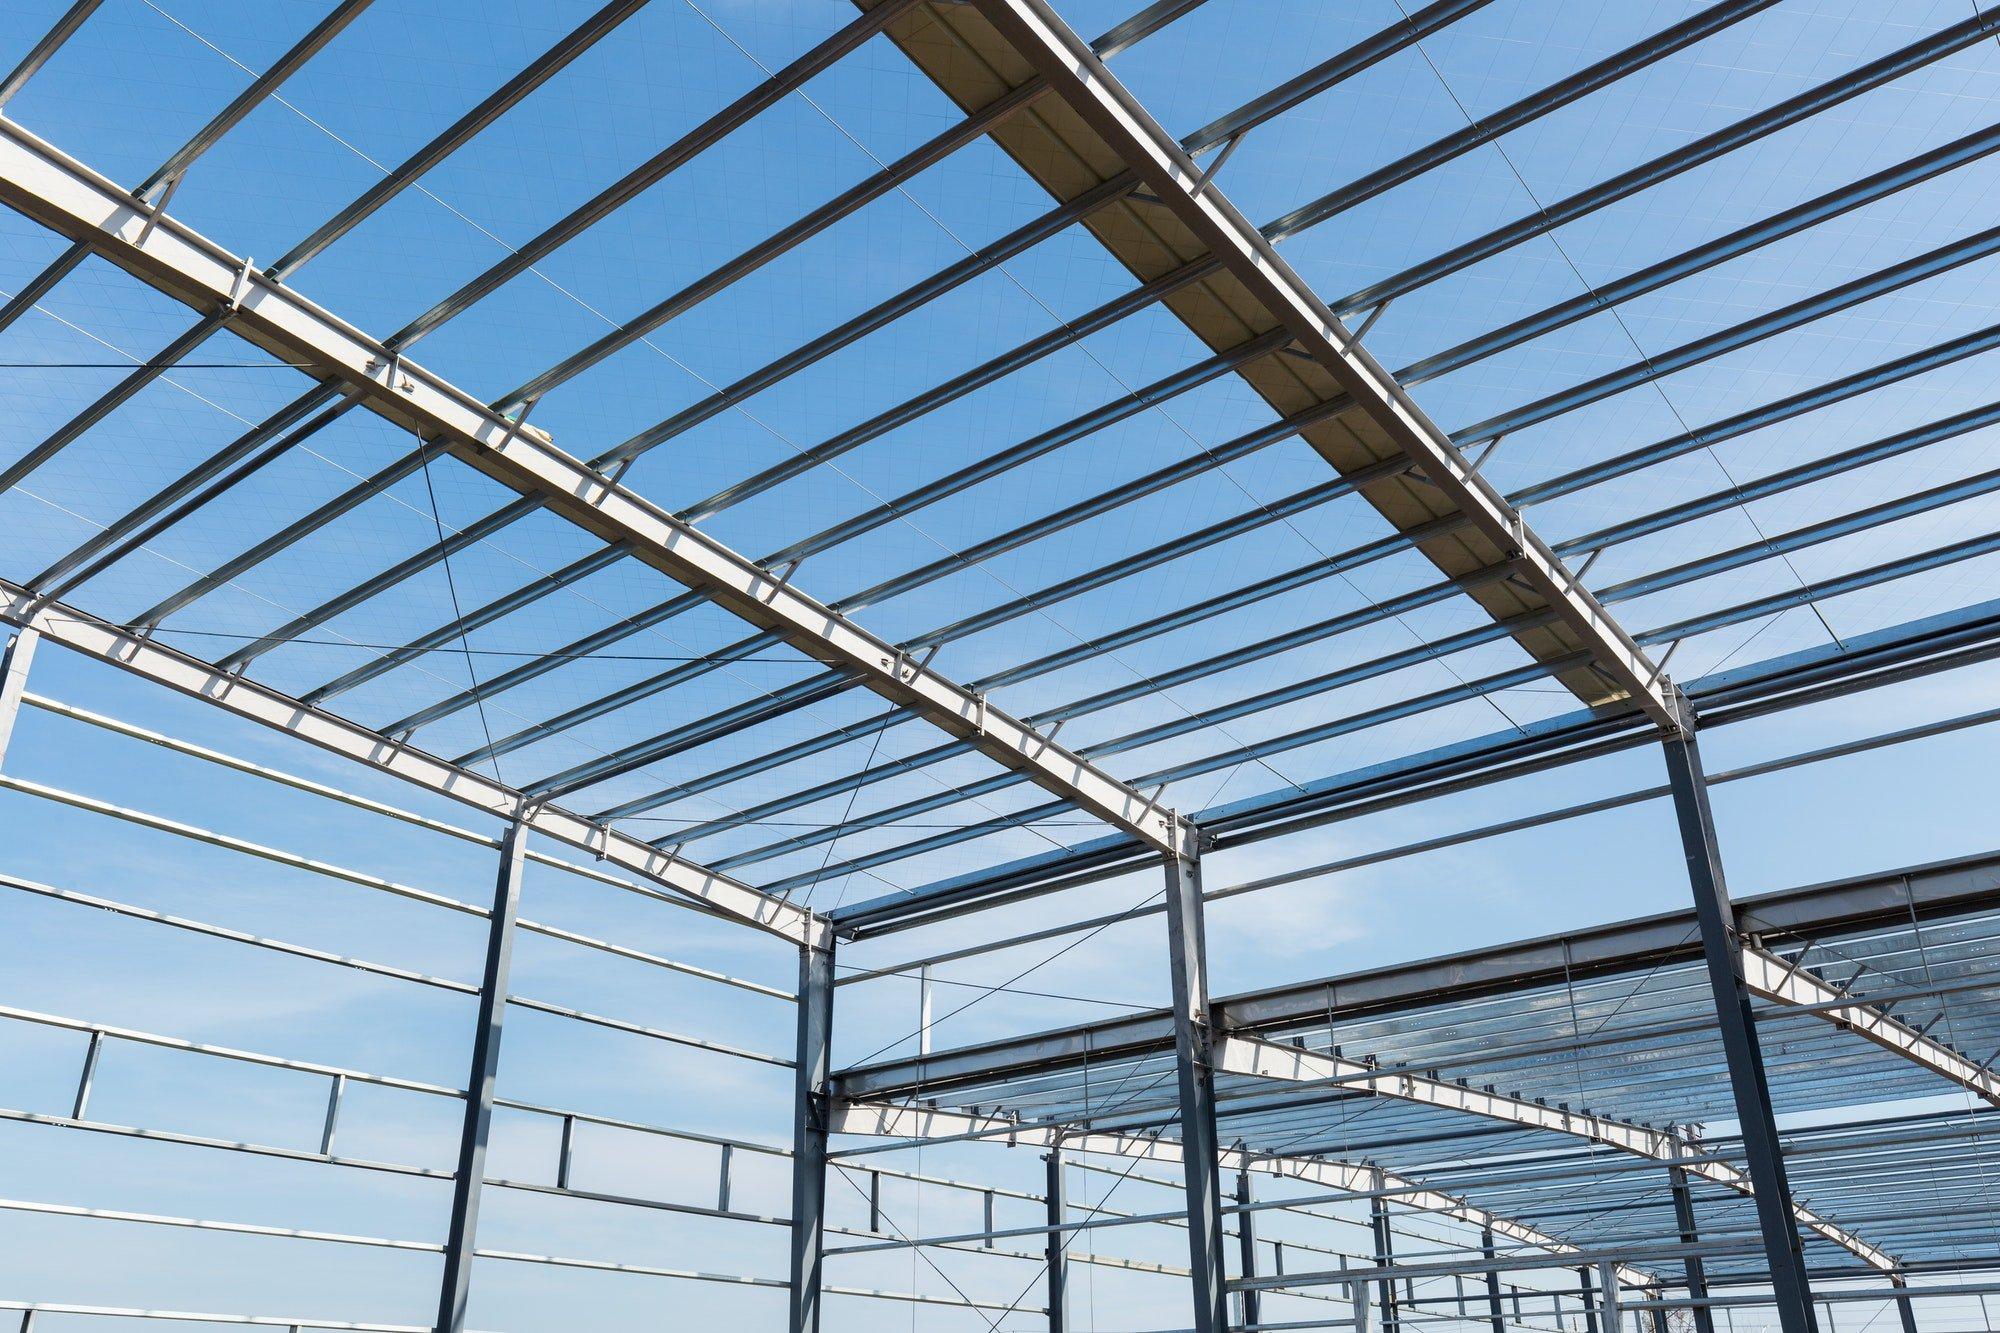 Fabricación Taller de estructura metálica de acero inoxidable